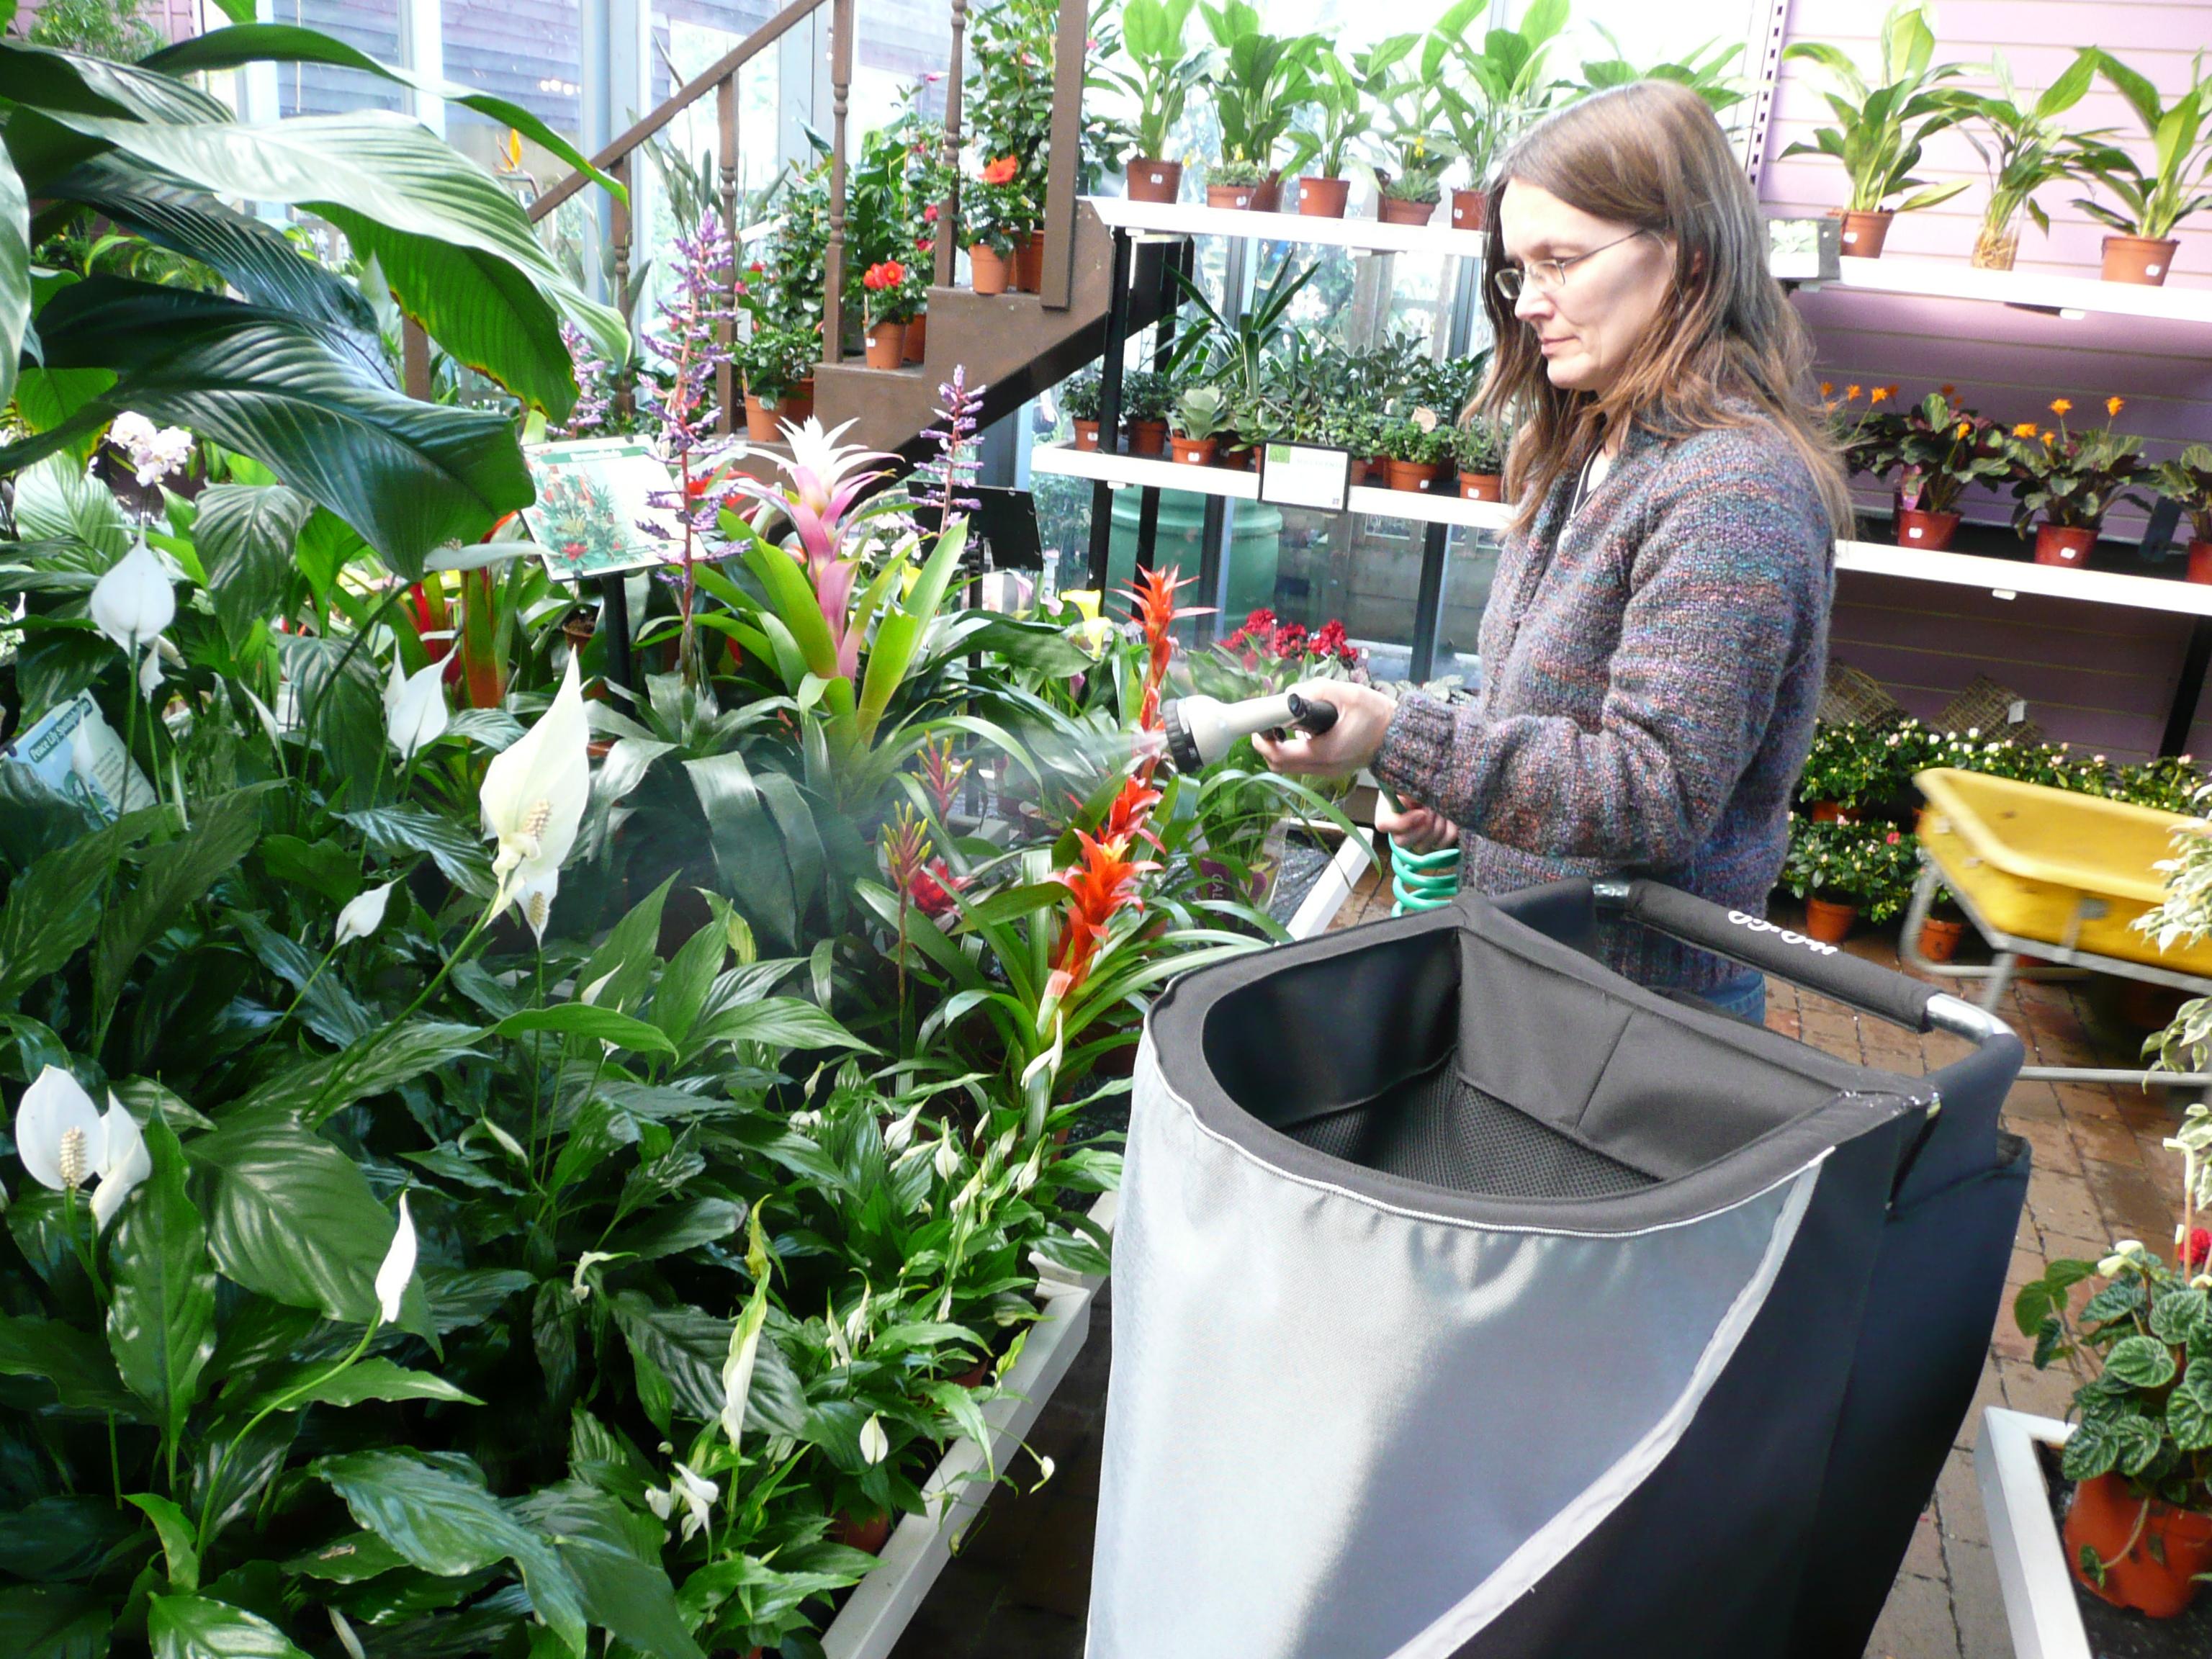 Garden Centre Image 4